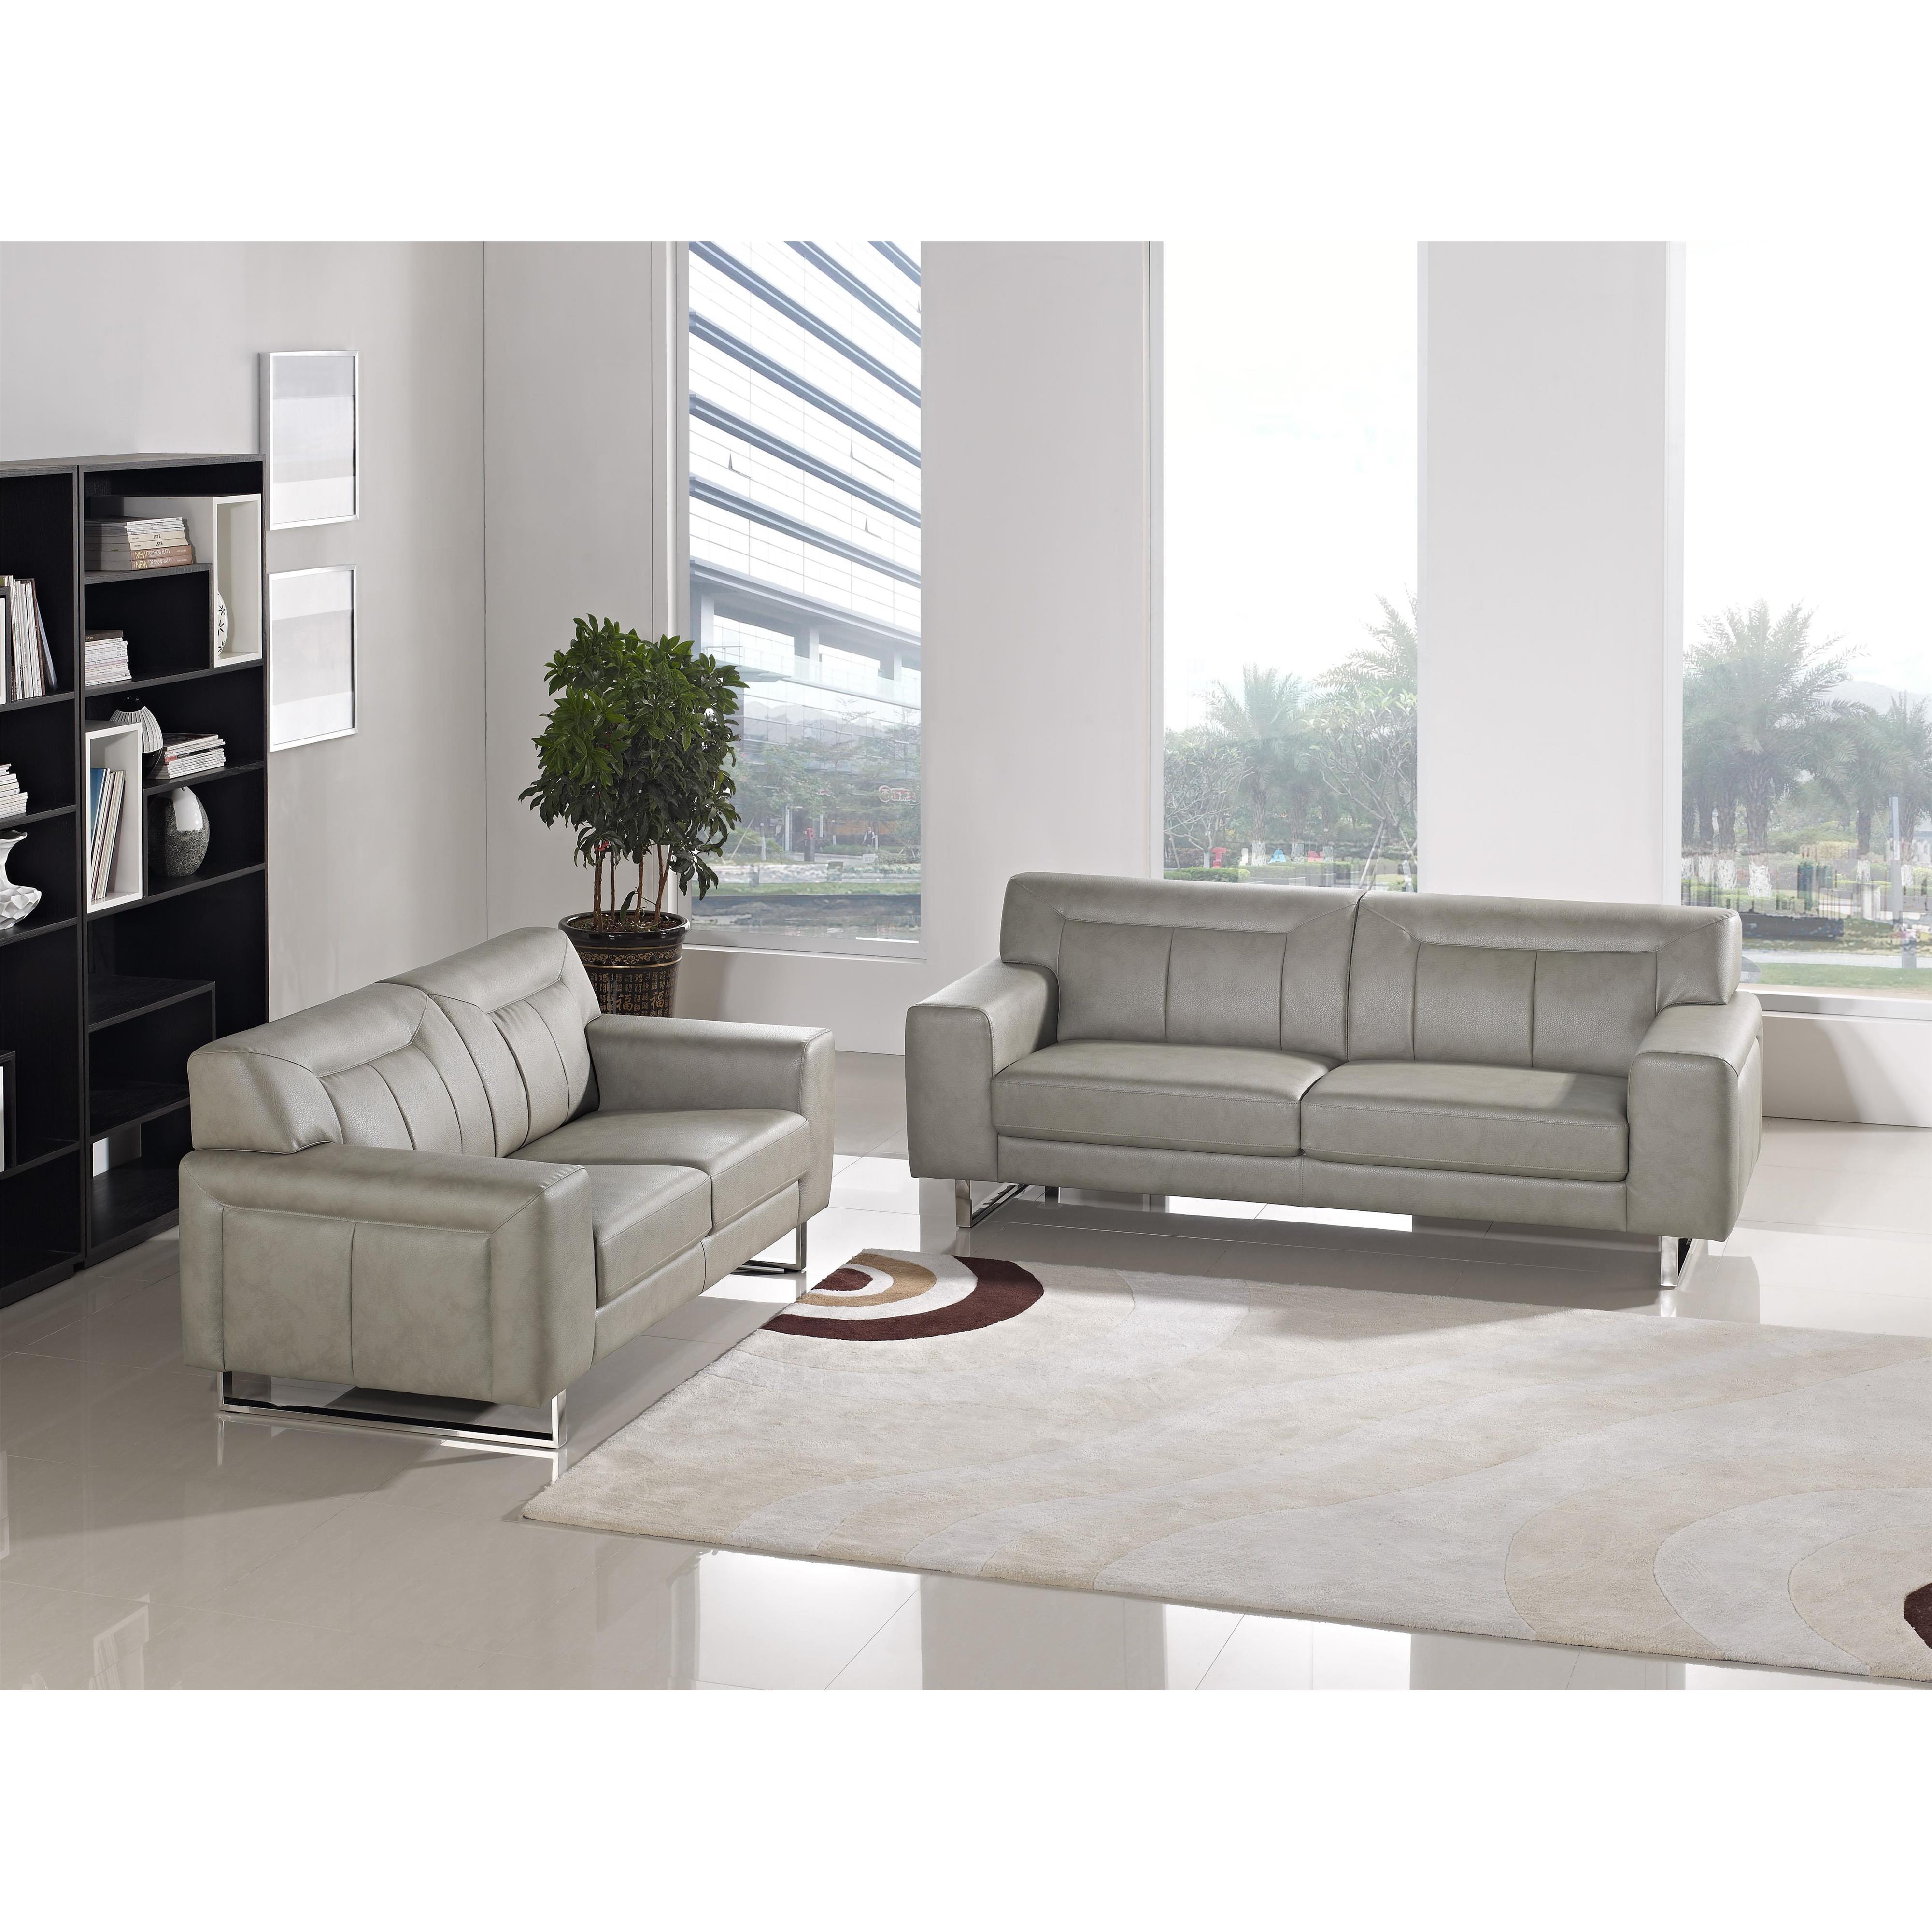 Diamond Sofa Vera Leatherette Sofa/Loveseat 2PC Set - Item Number: VERASLSS